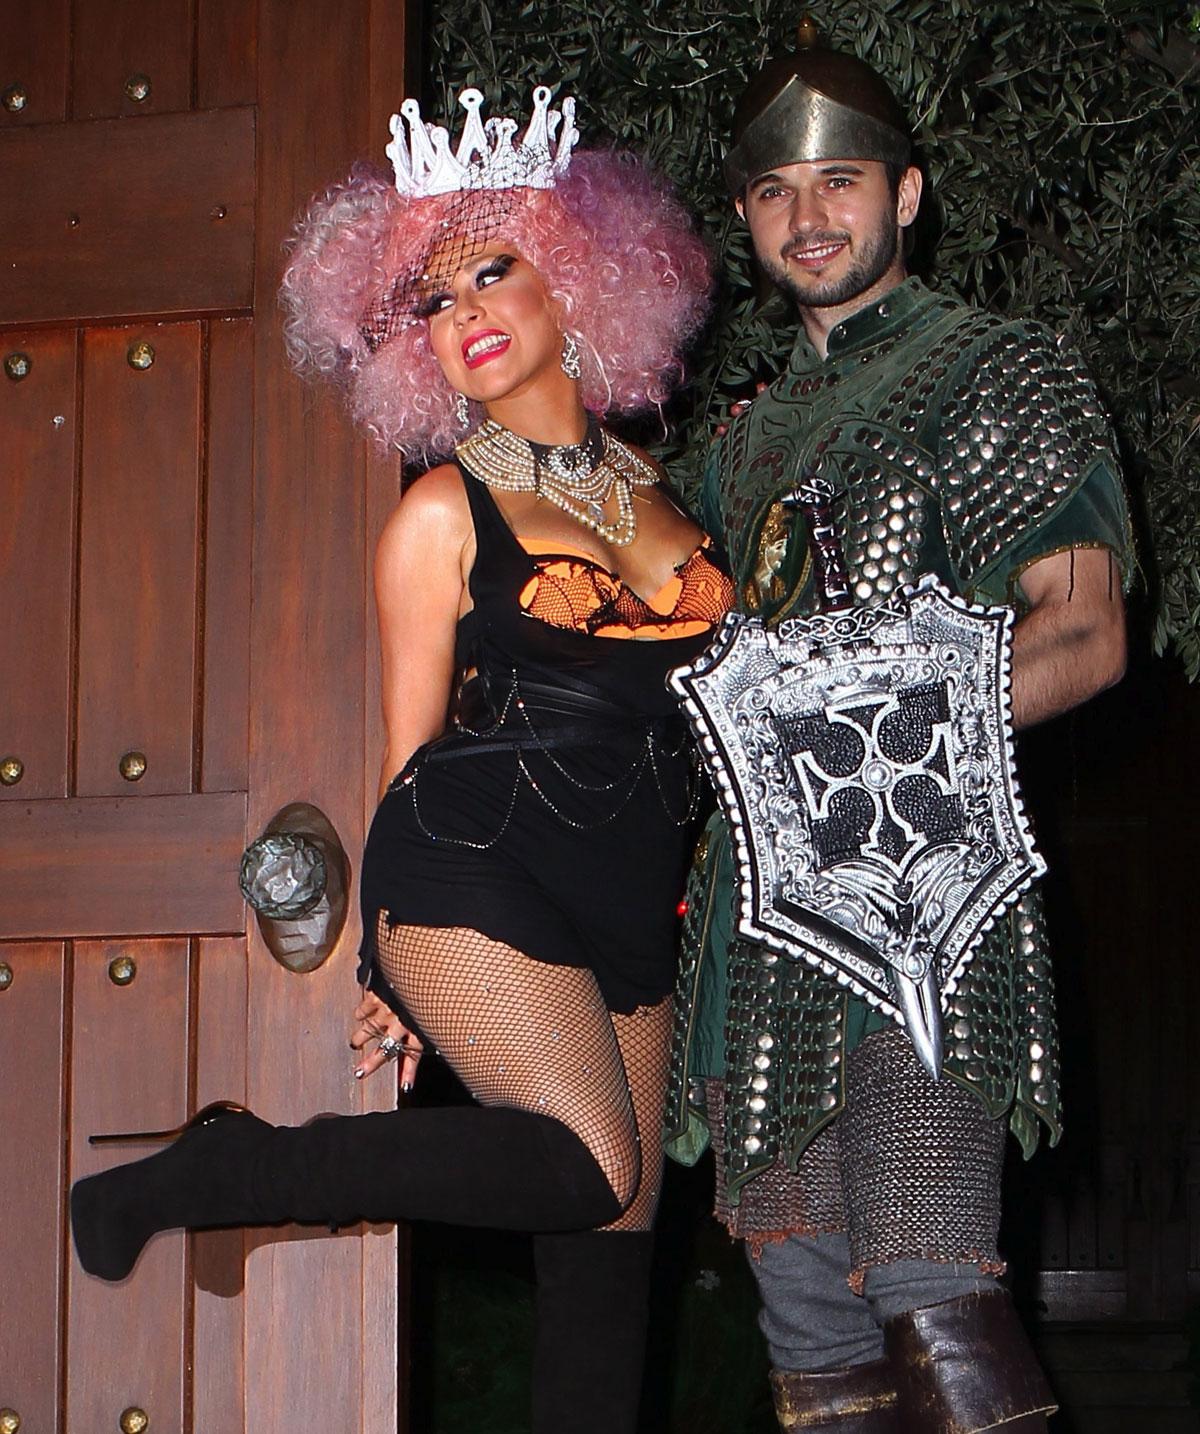 christina aguilera - Christina Aguilera Halloween